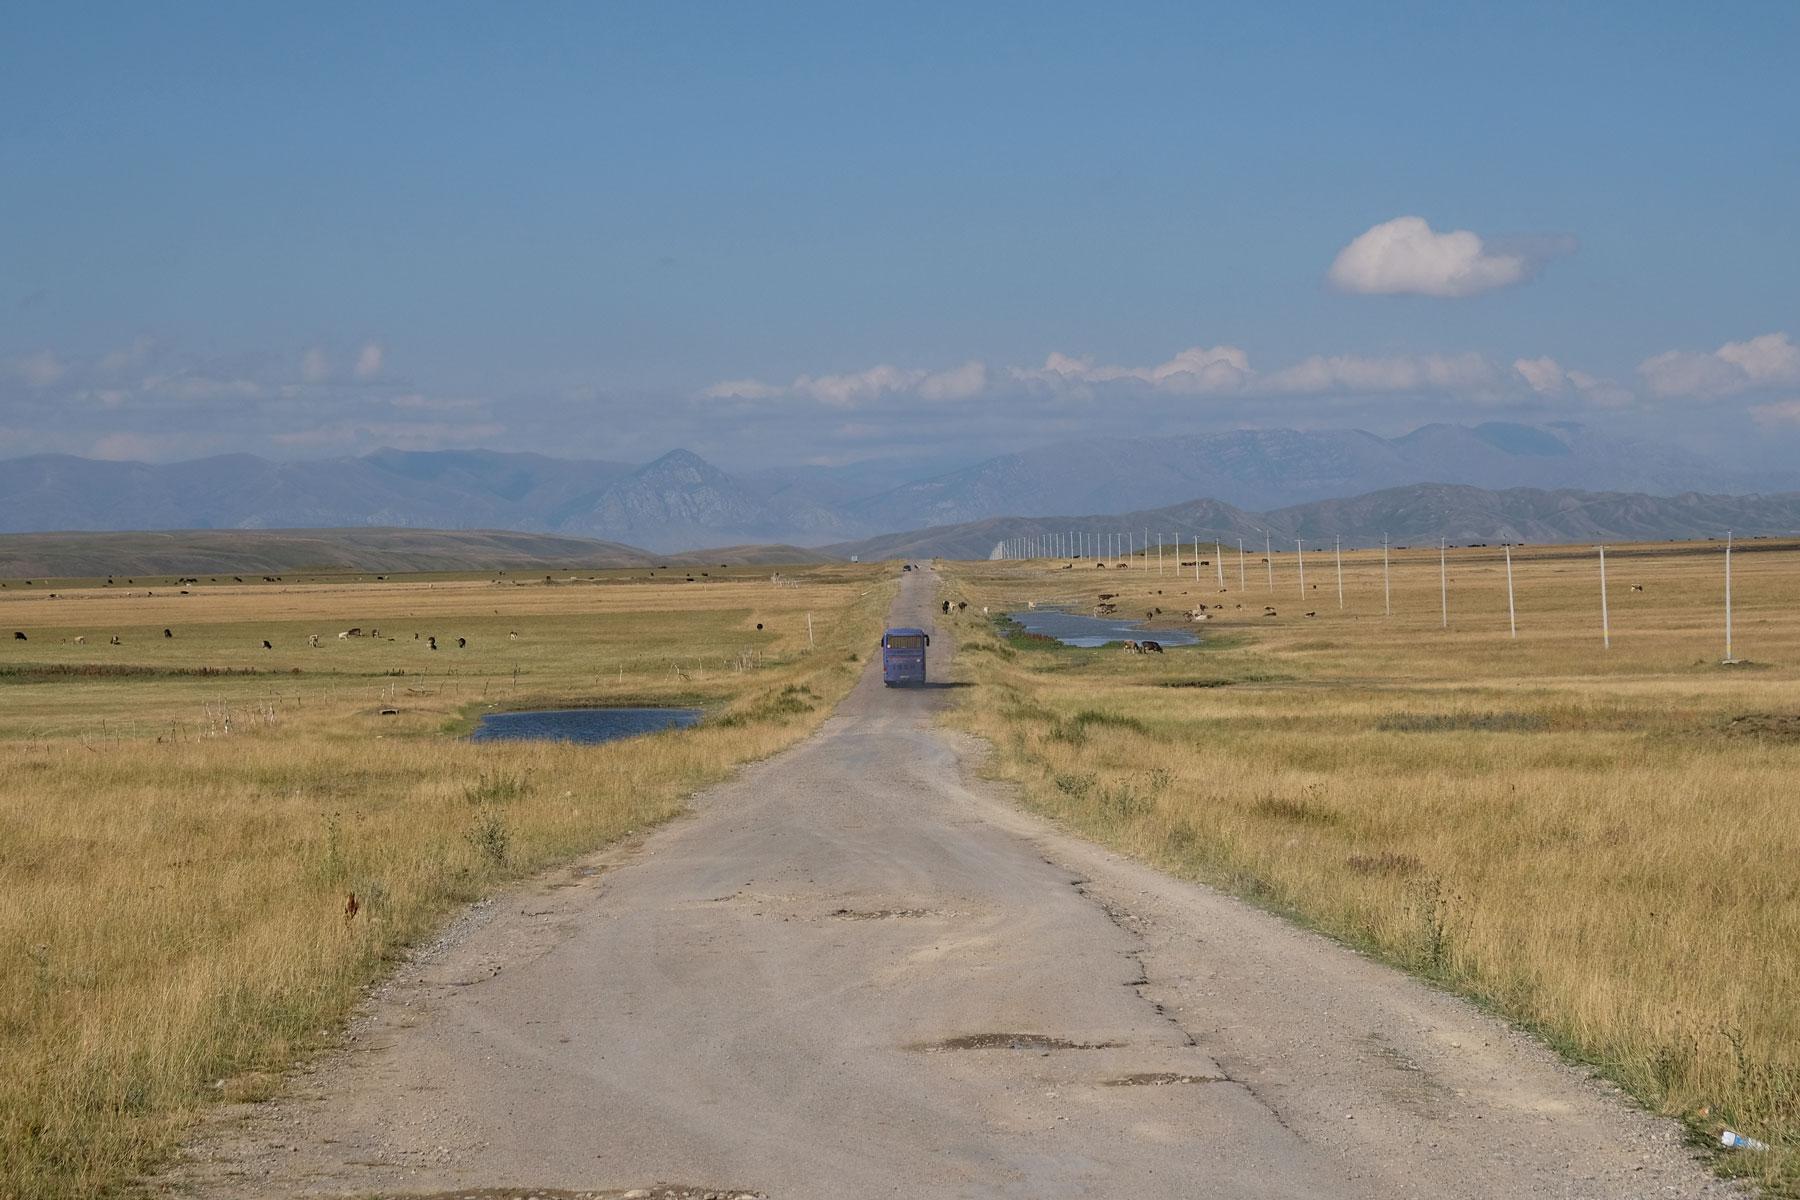 Irgendwo im Nirgendwo befindet sich der kleine Grenzübergang zwischen Kirgistan und Kasachstan